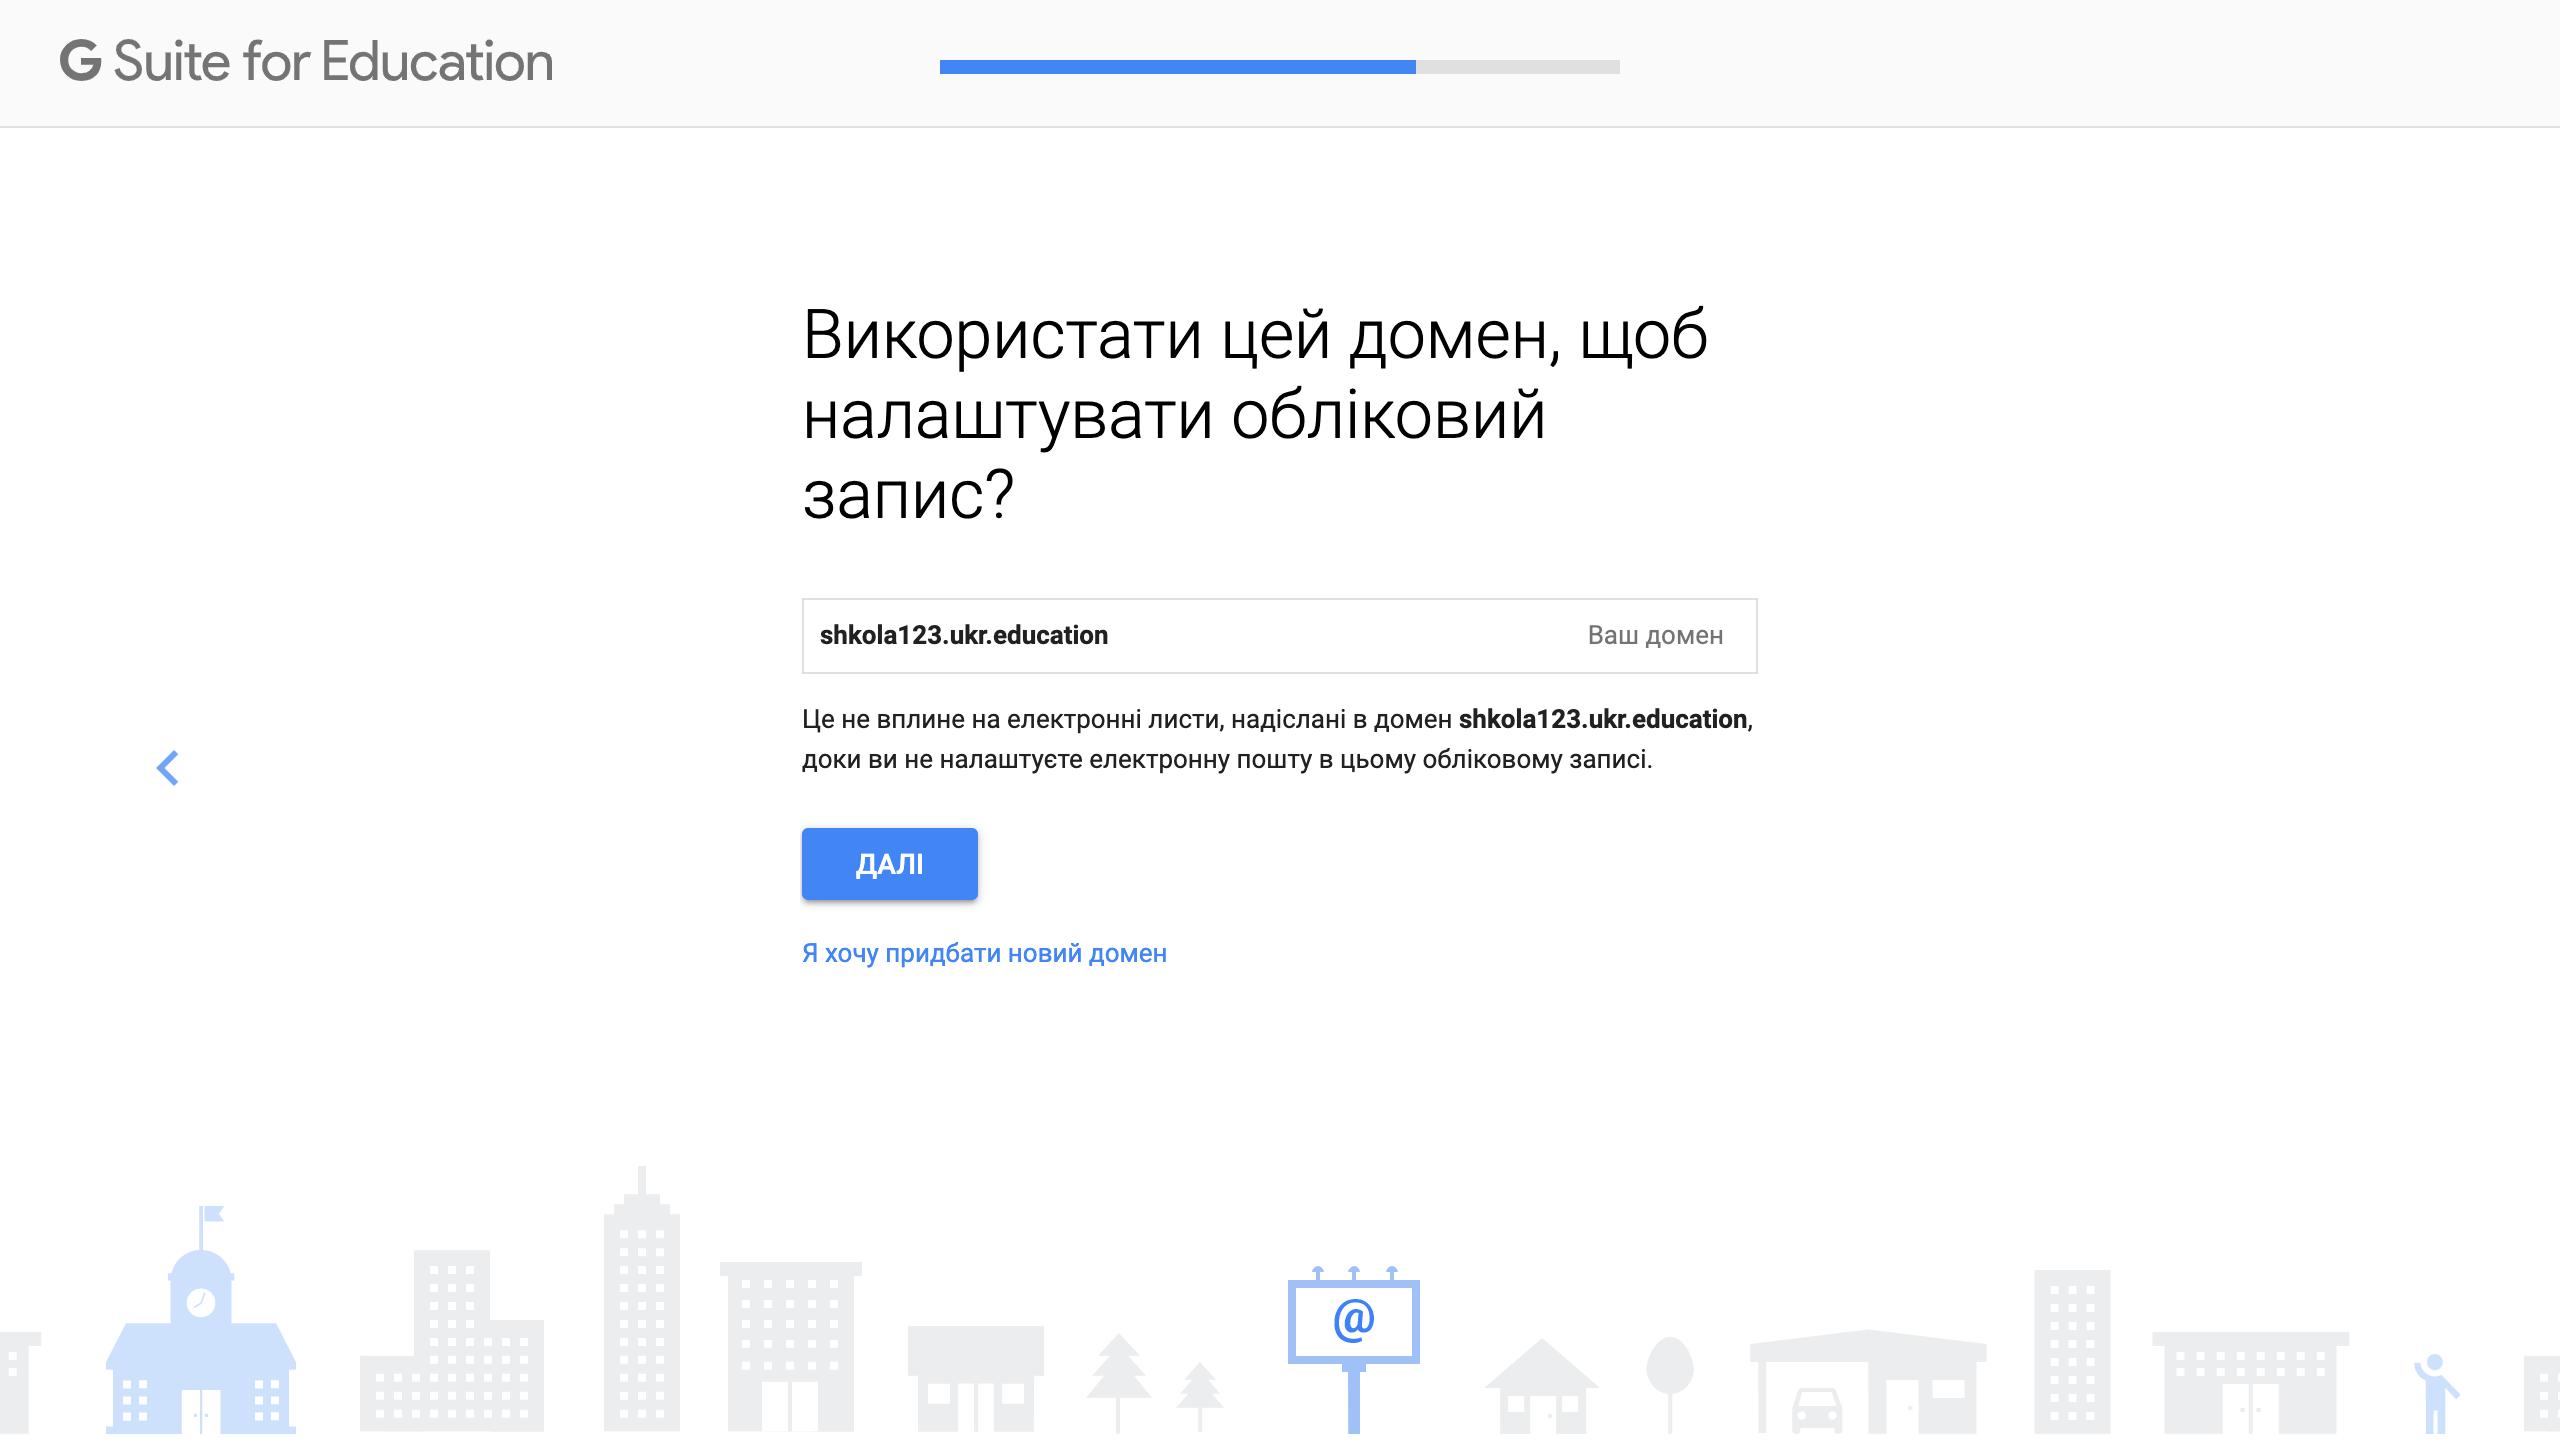 Крок 9: «Використати цей домен, щоб налаштувати обліковий запис?»